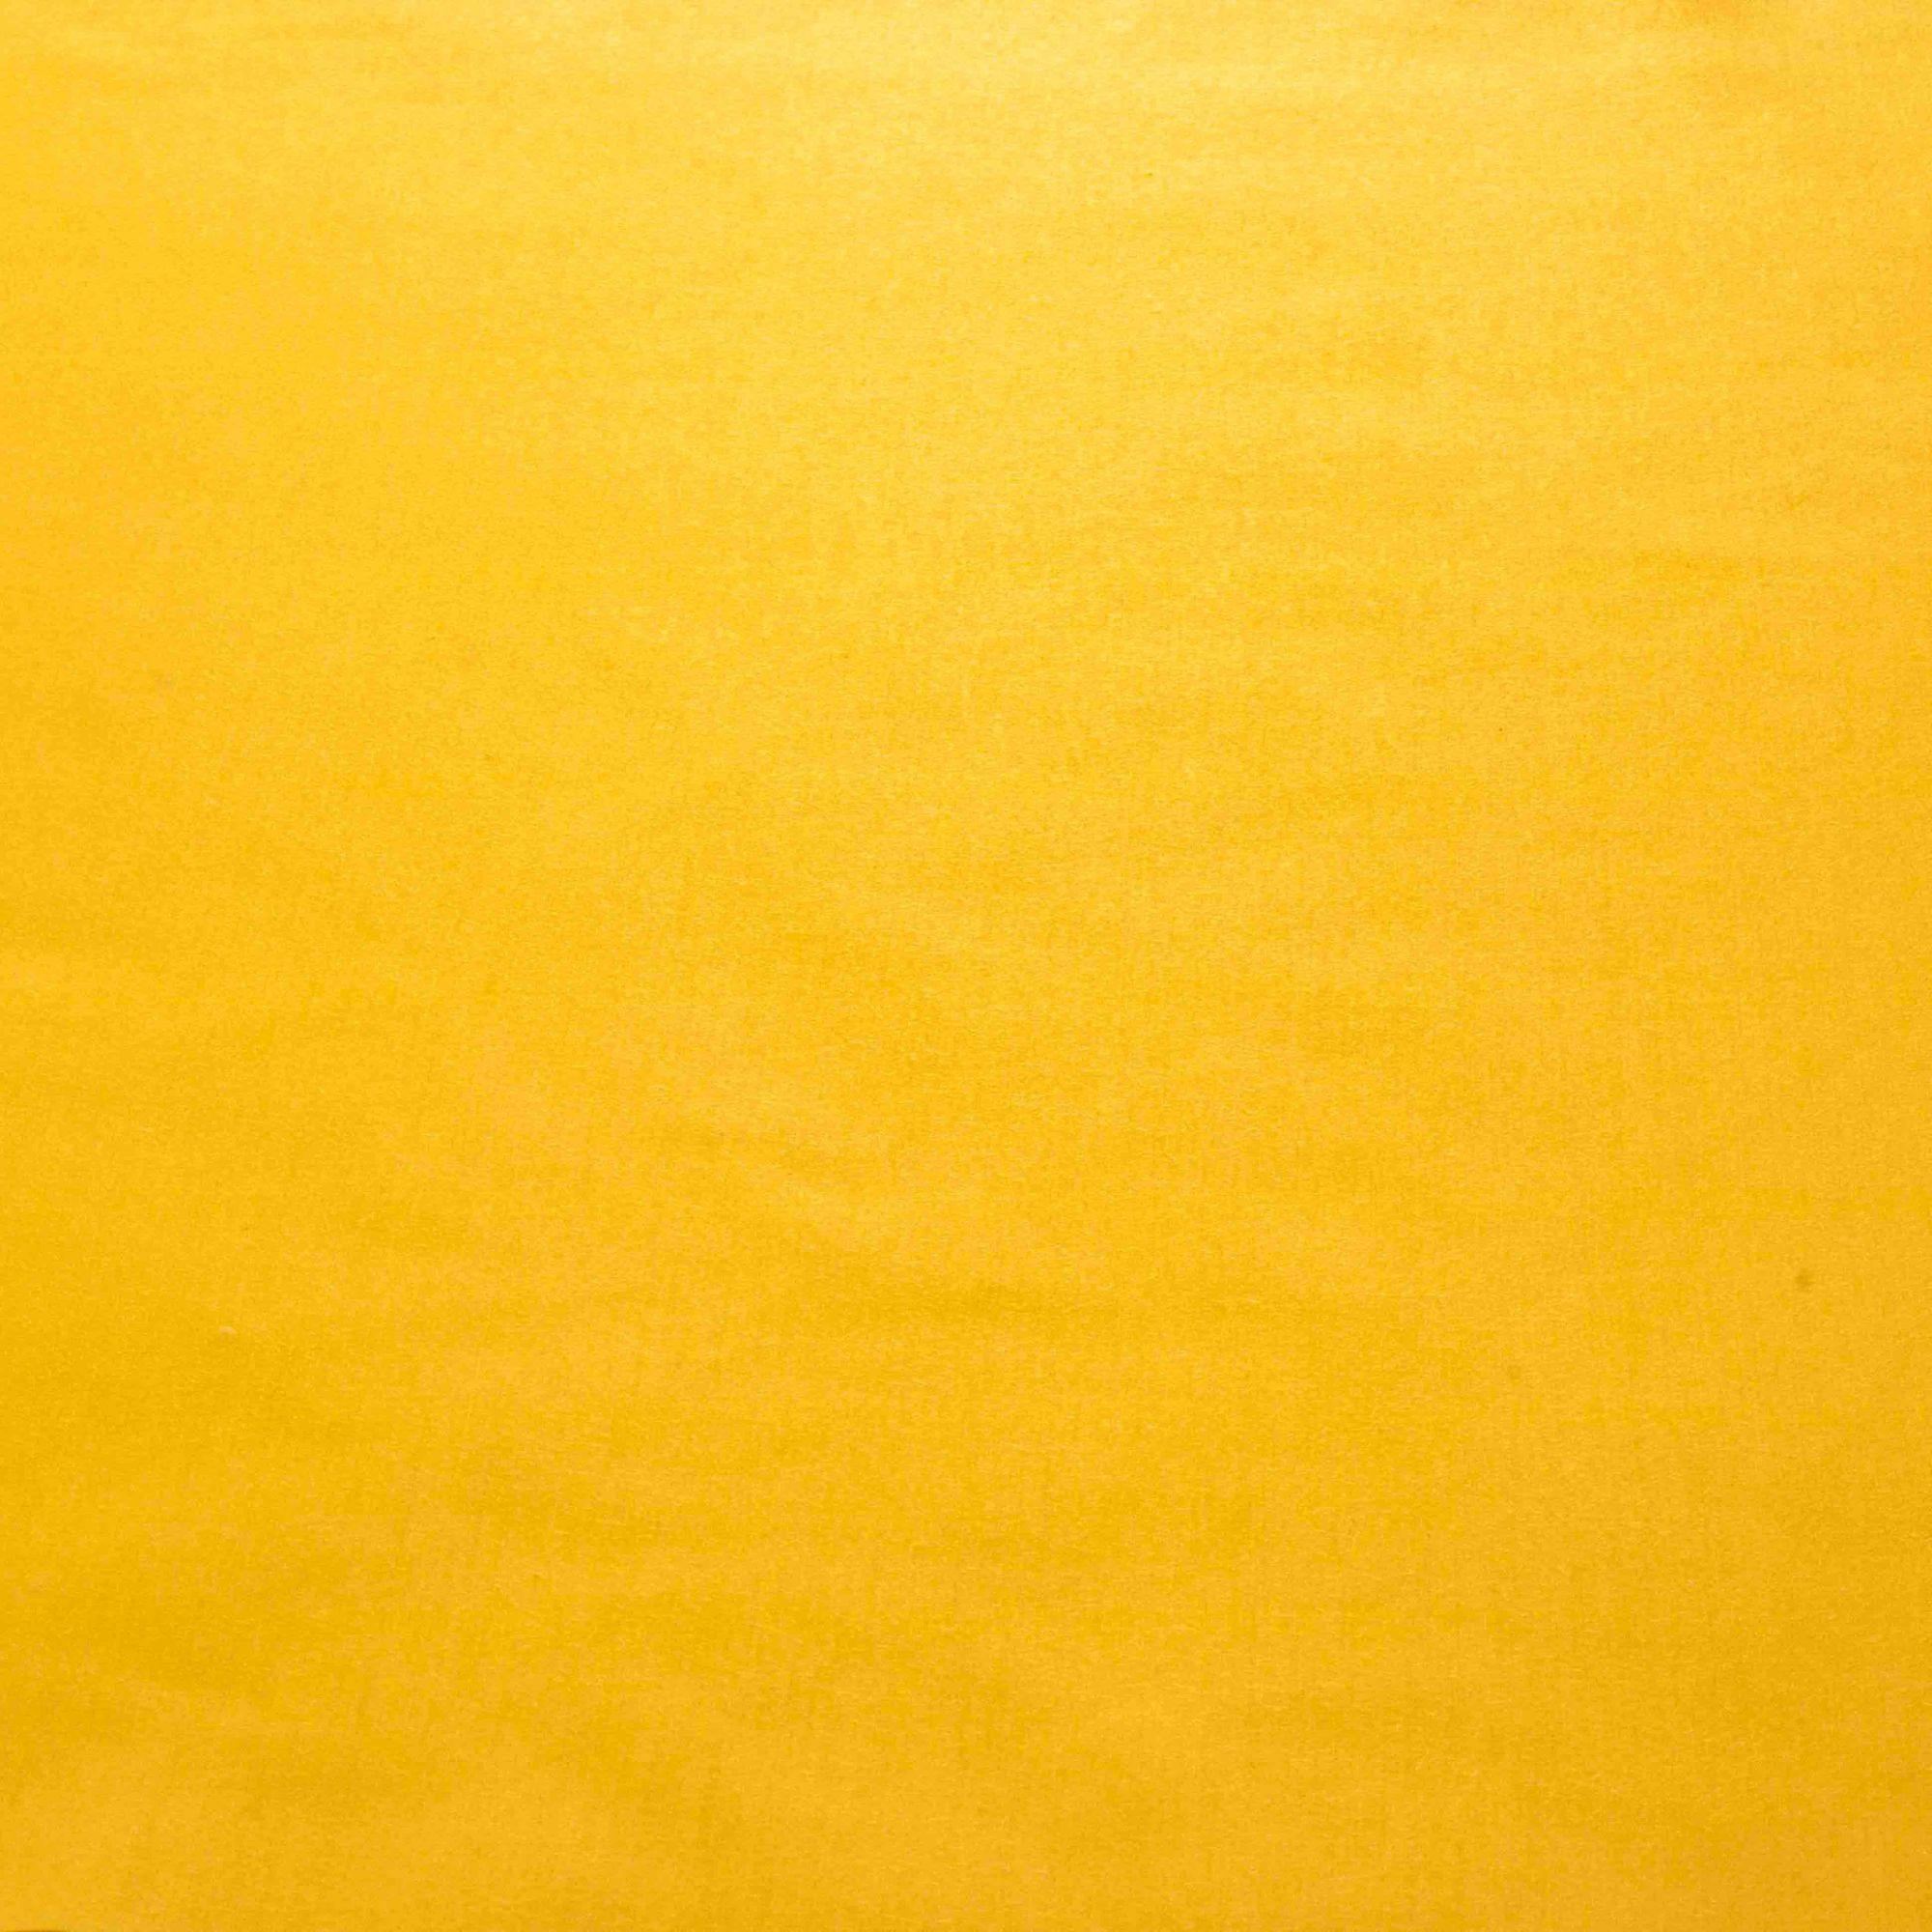 Tecido Tricoline Amarelo Ouro 100% Algodao 1,50 m Largura